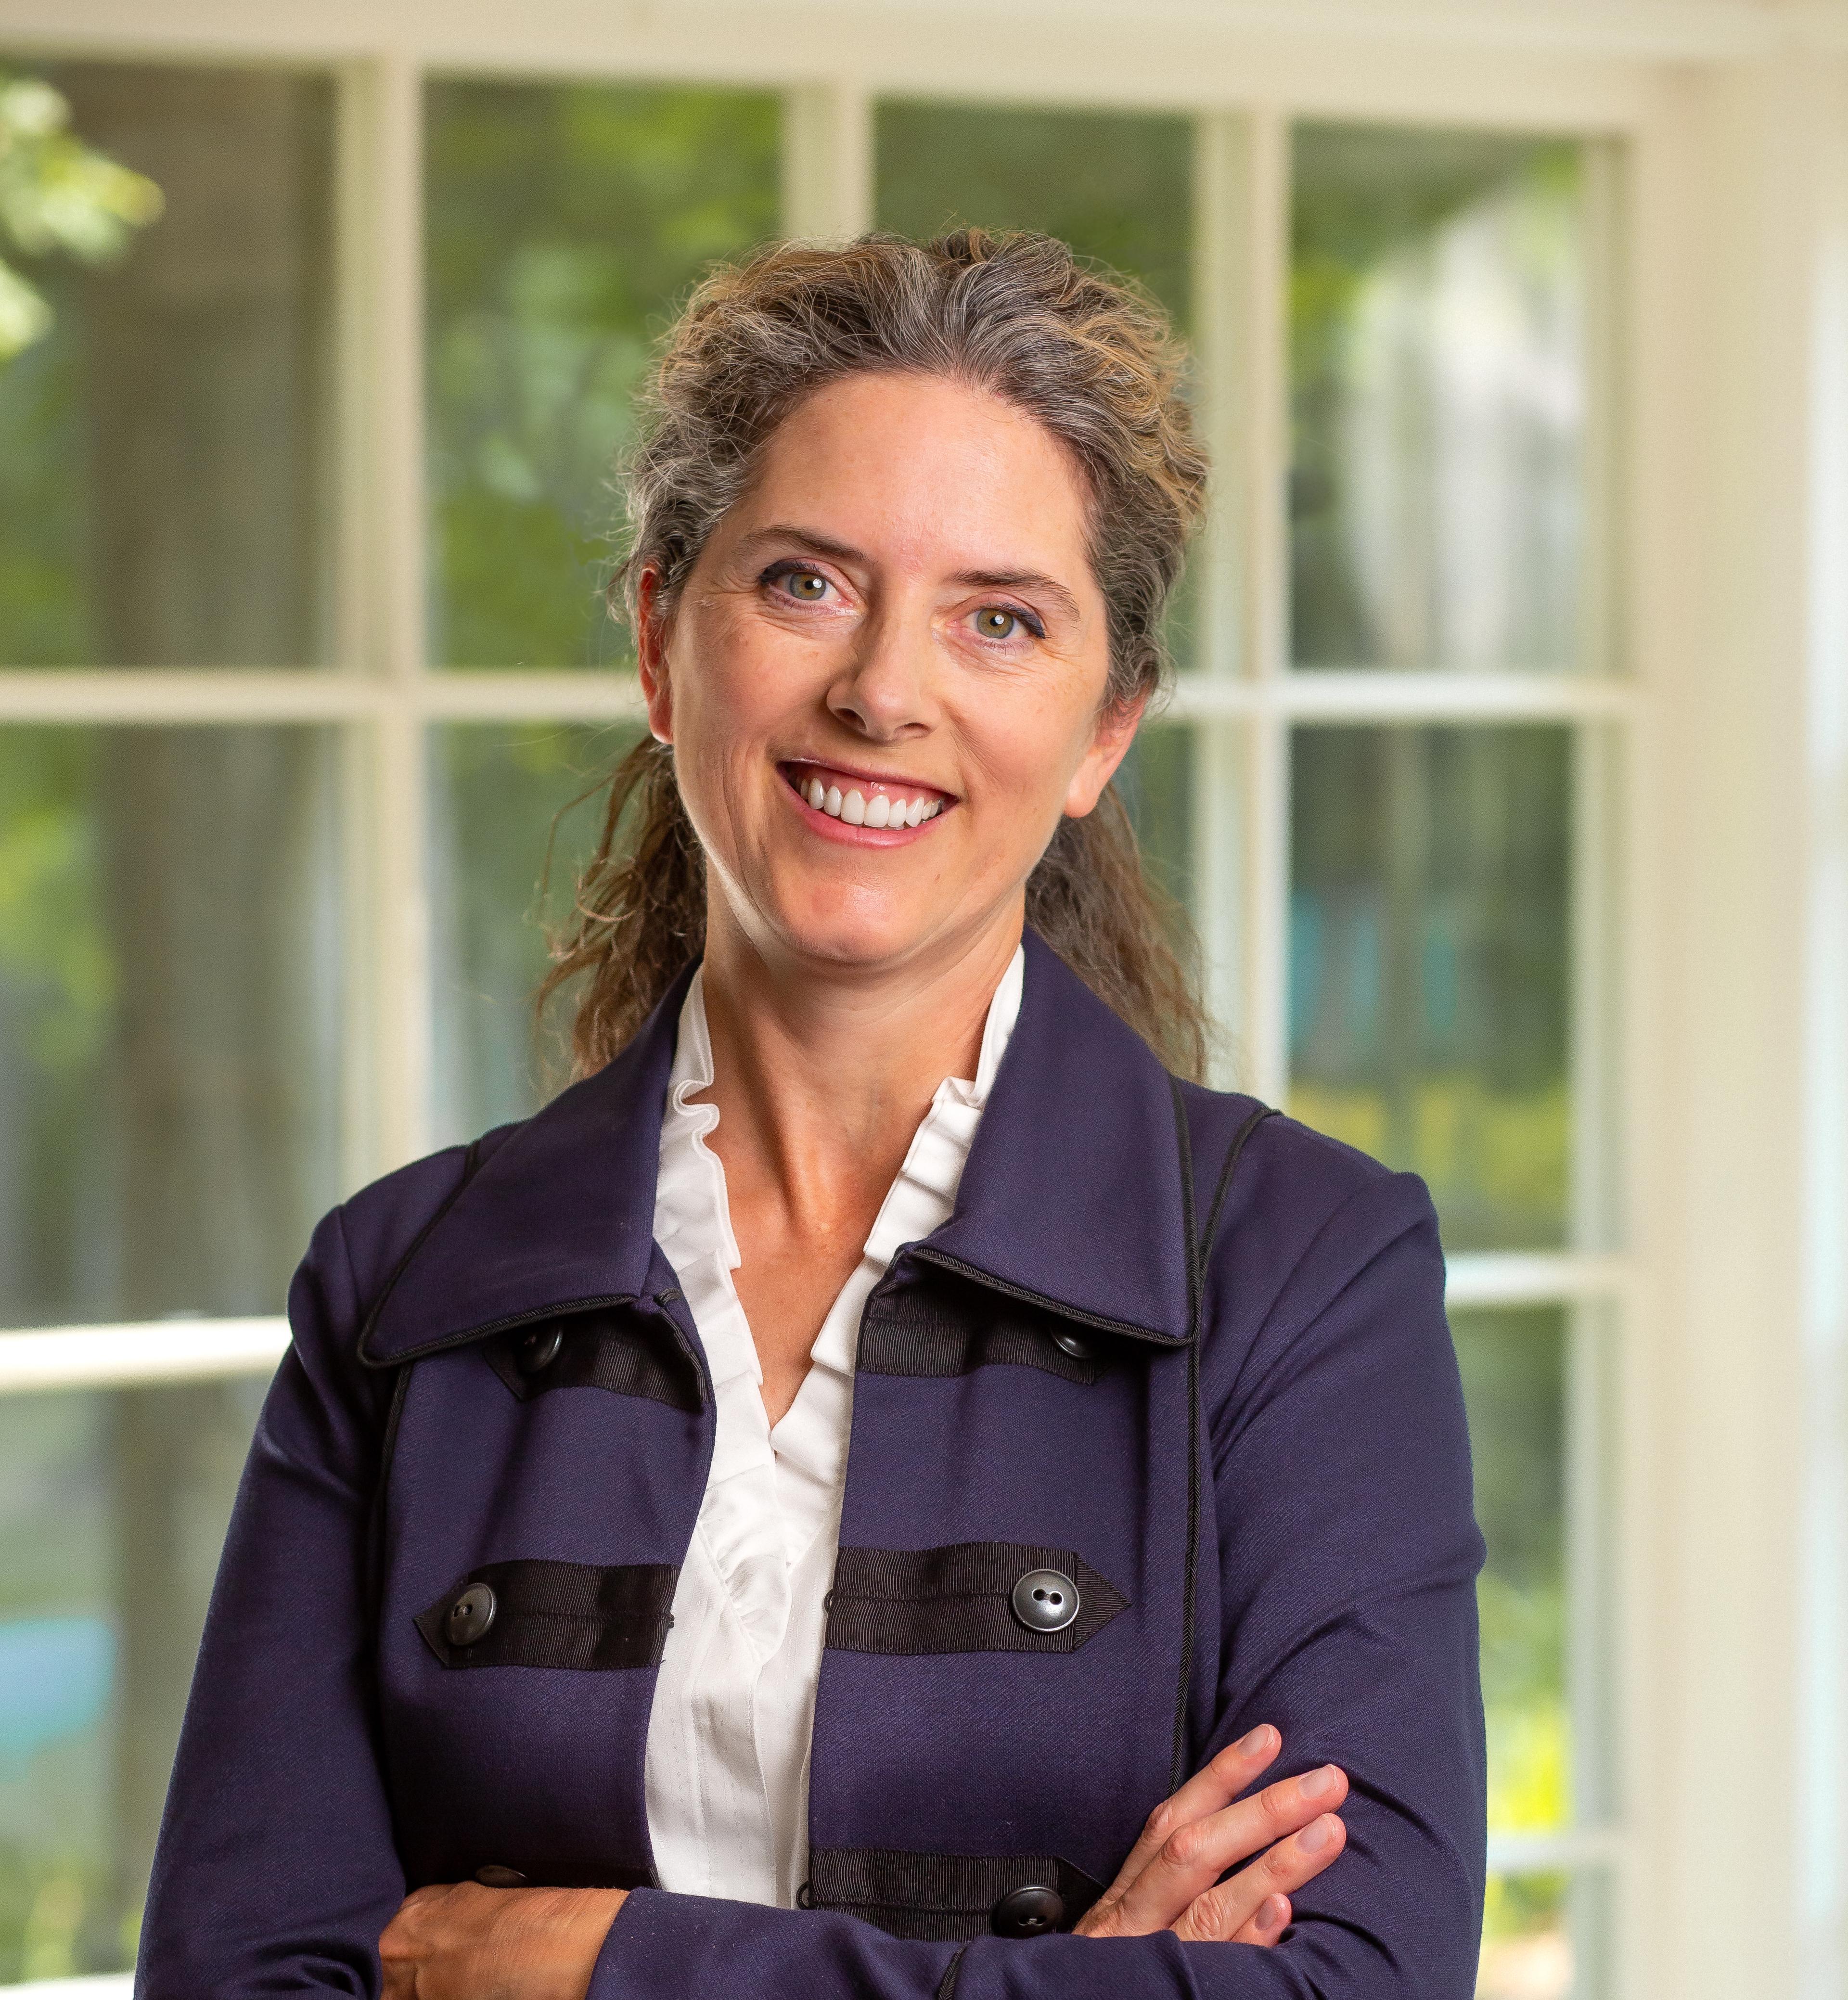 Dr. Jill Crista